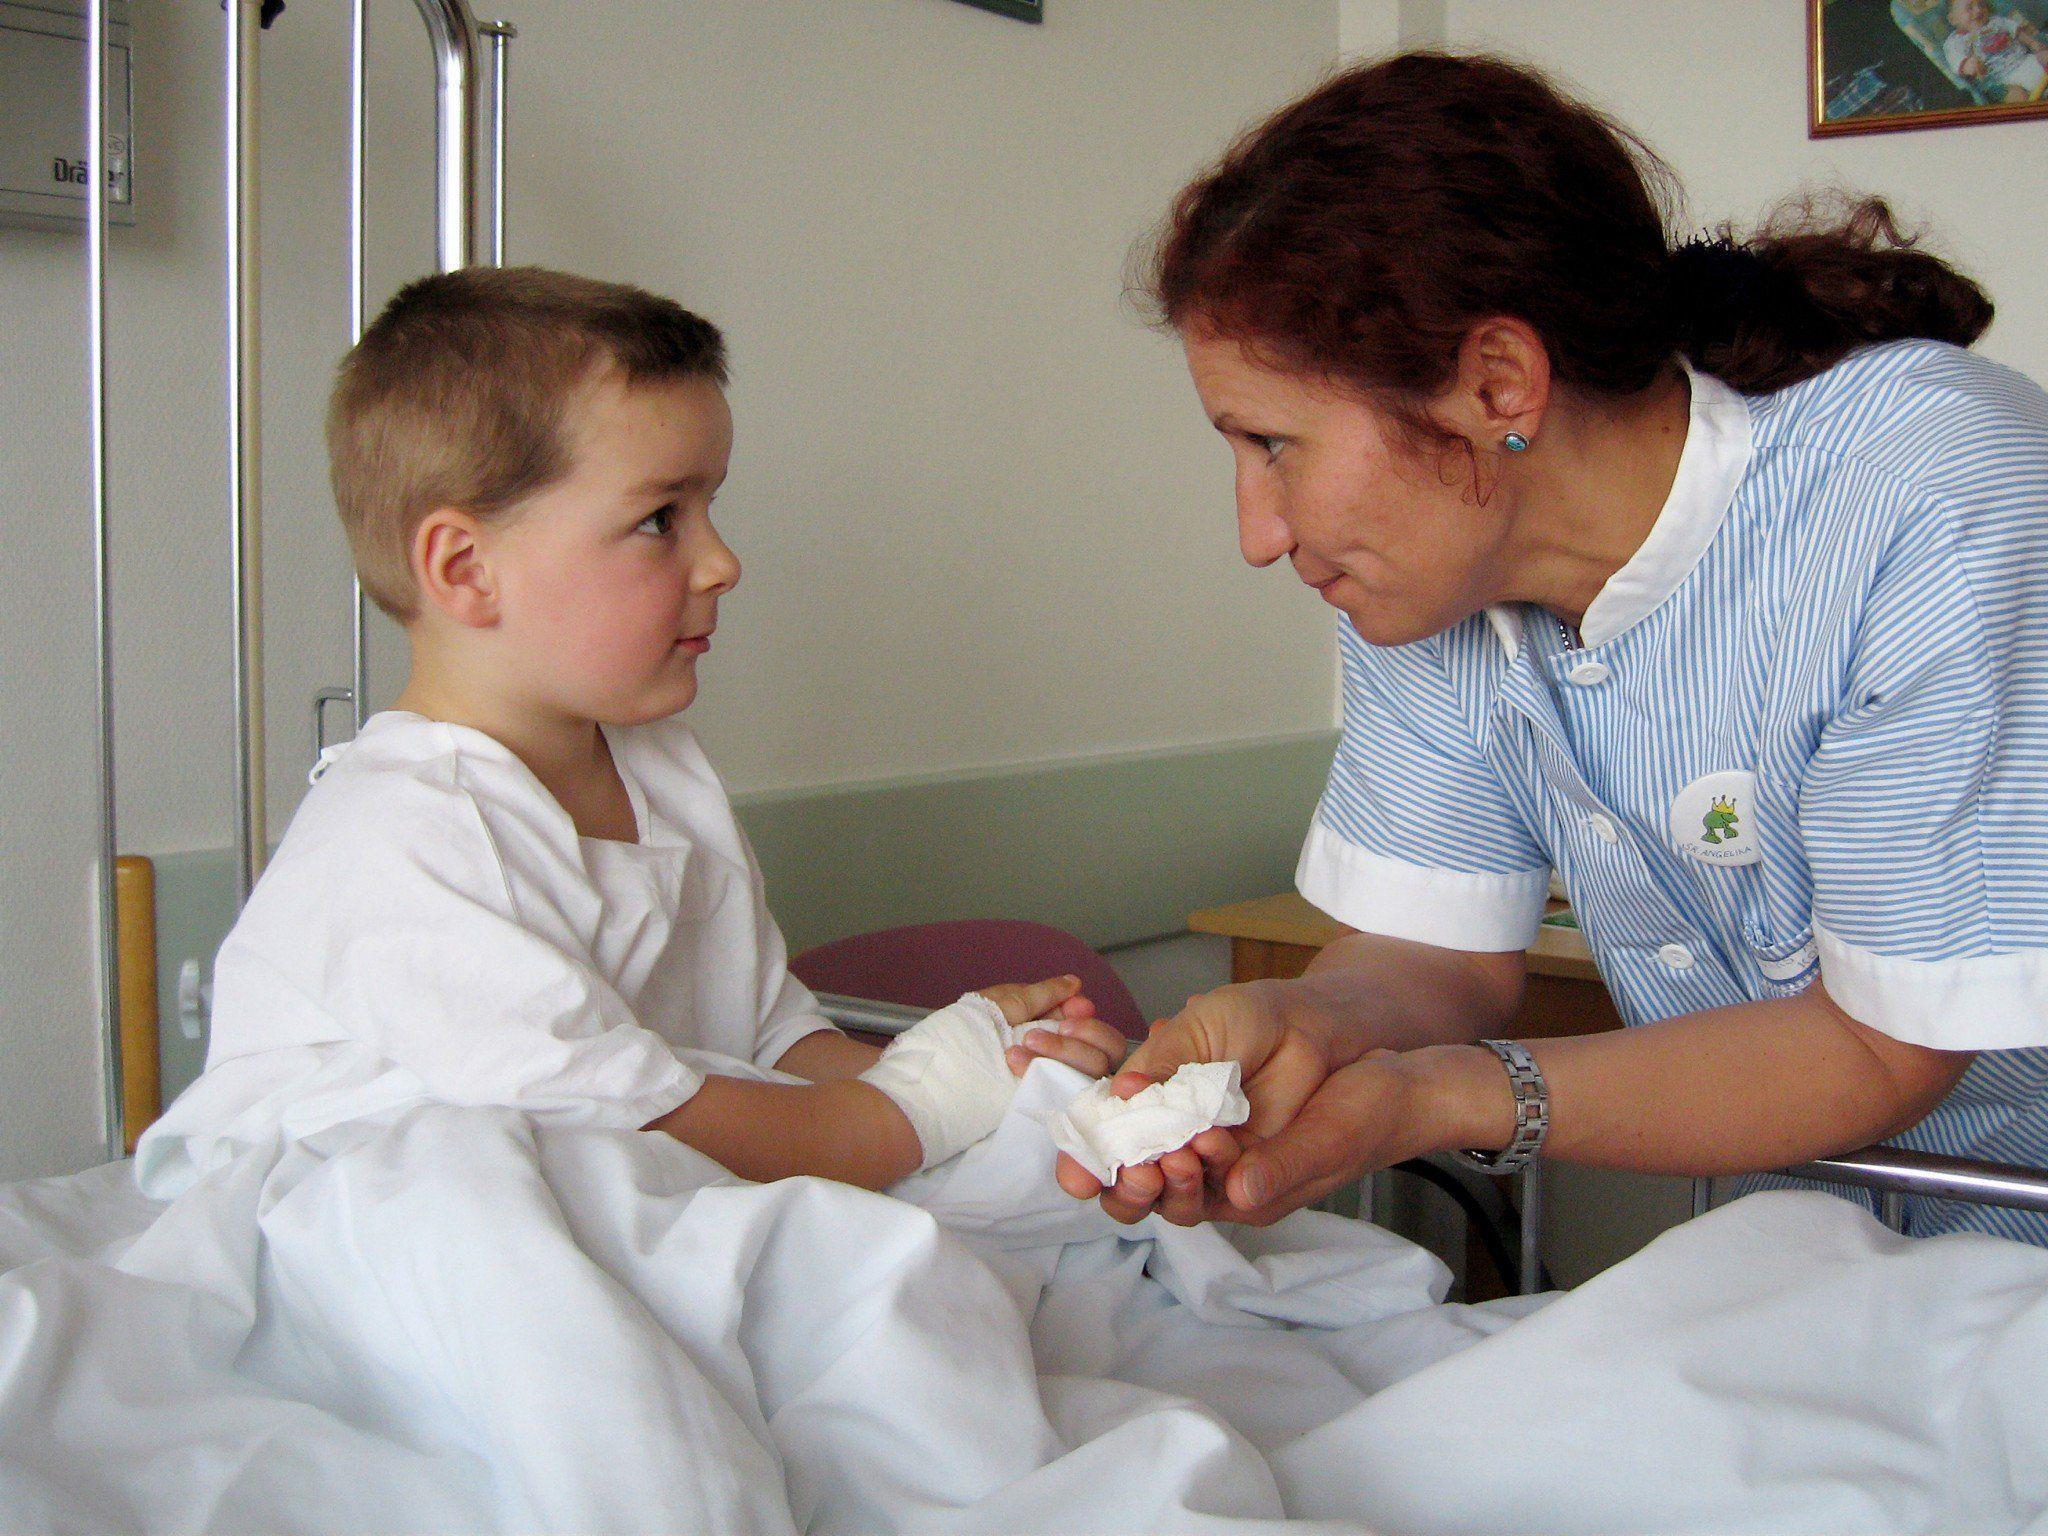 Der Wundverband könnte lebensrettend für Kinder sein.